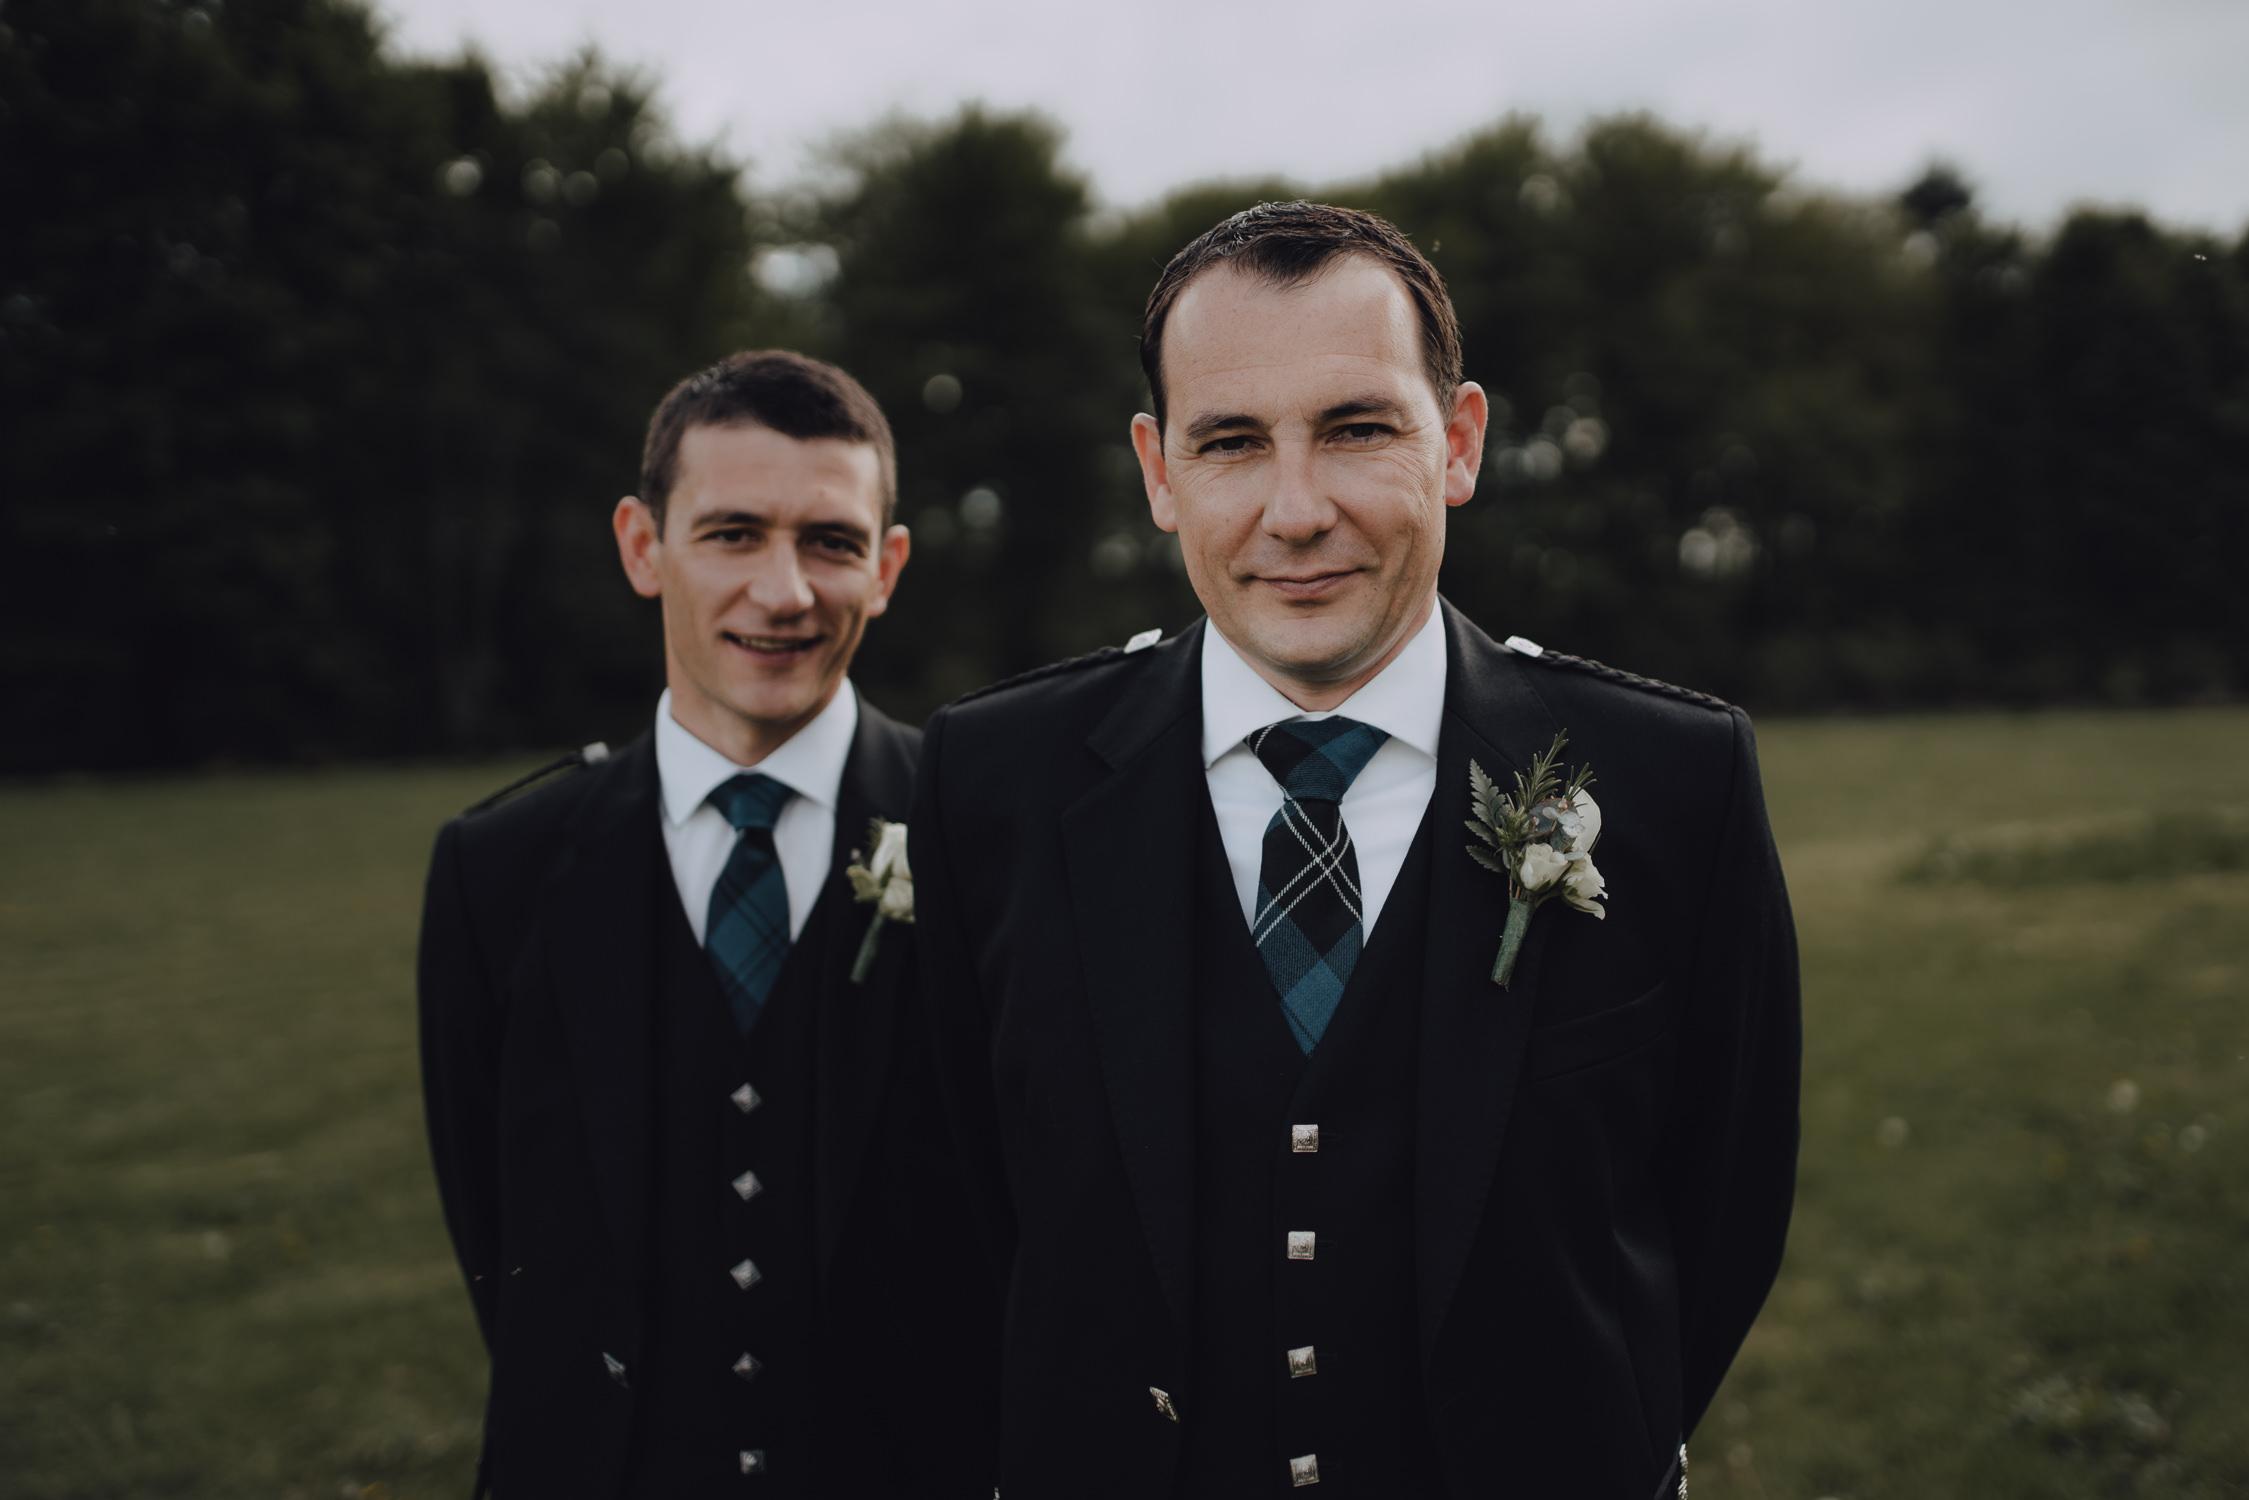 bruidsfotografie-amsterdam-utrecht--aberdeen-mark-hadden-wedding-photography-lynne-steve-146.jpg